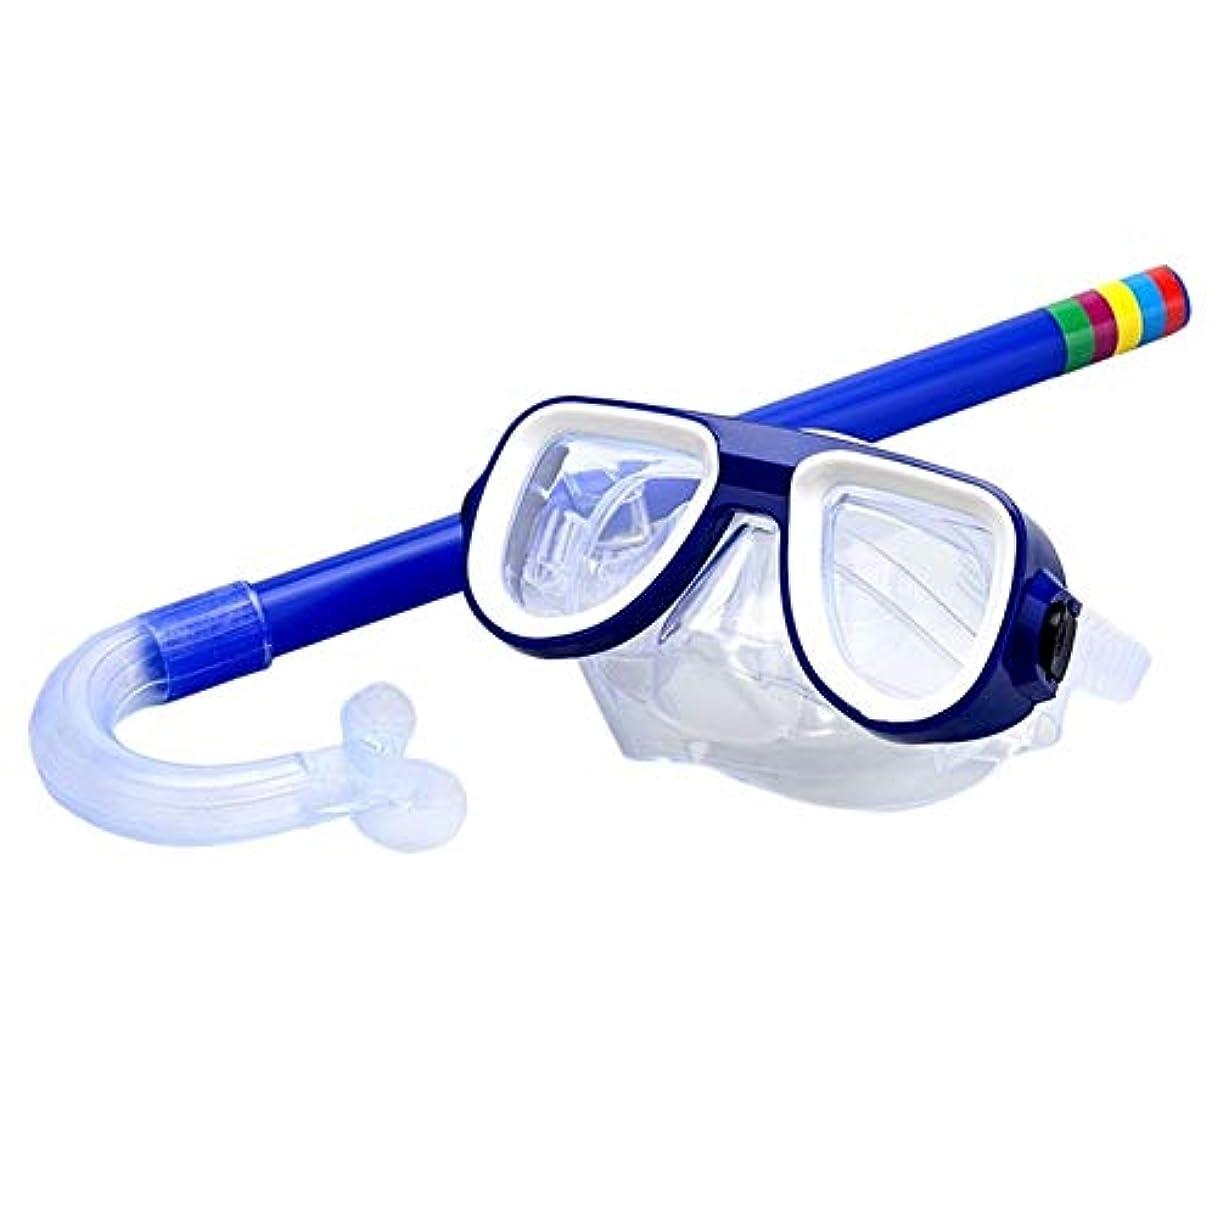 判定矢究極の子供の安全シュノーケリングダイビングマスク+シュノーケリングスーツ水着子供水スポーツ3-8歳青 g5y9k2i3rw1